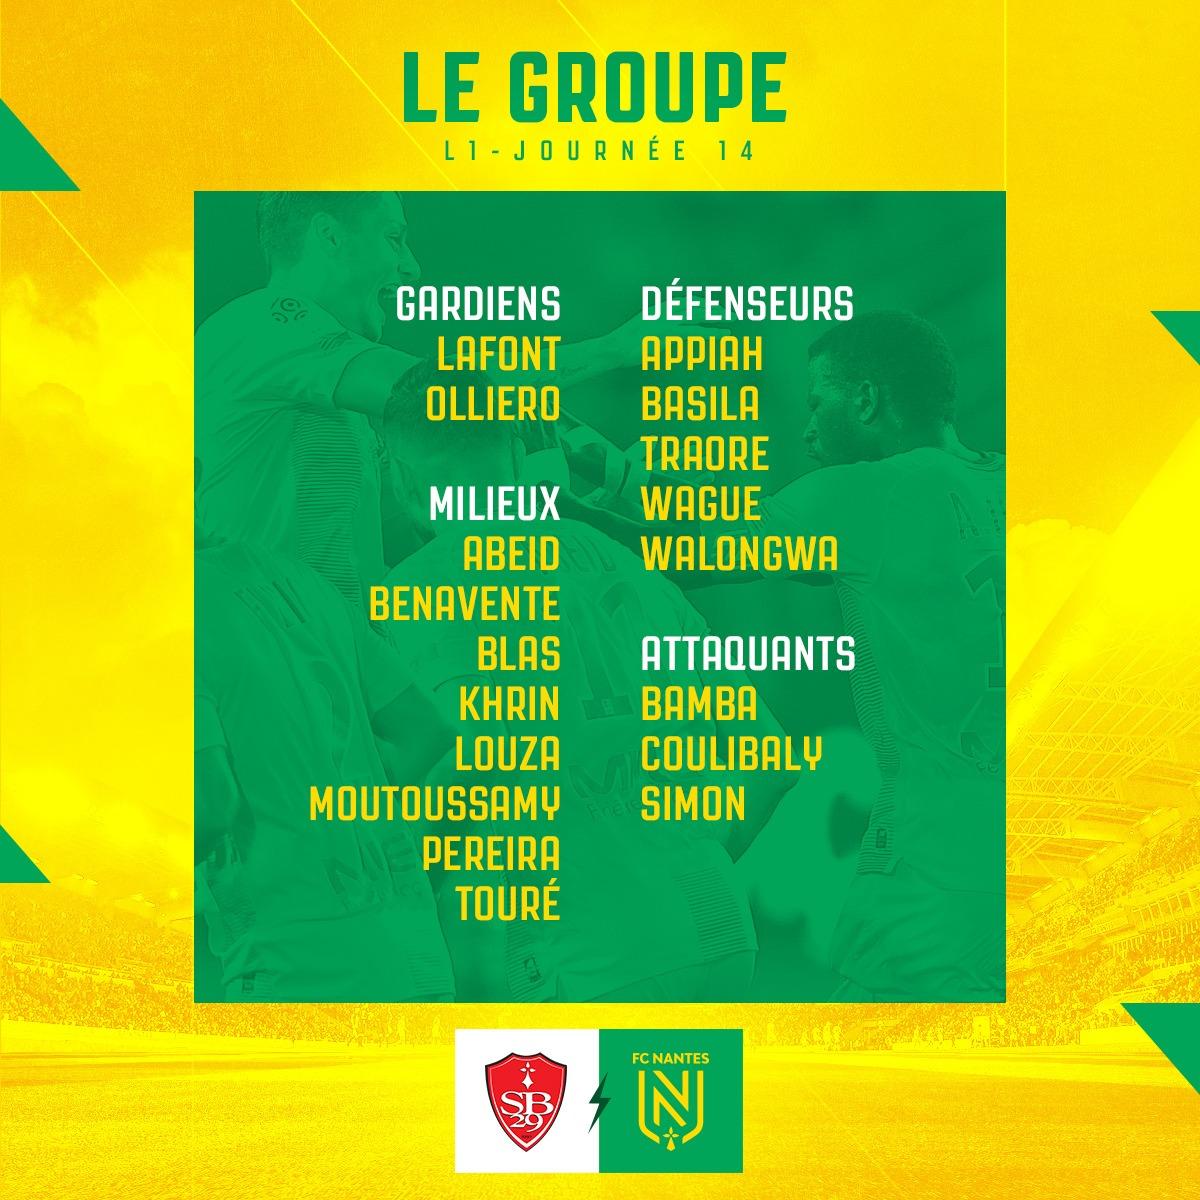 Le Stade Brestois l'emporte contre le FC Nantes (1-0) en match amical